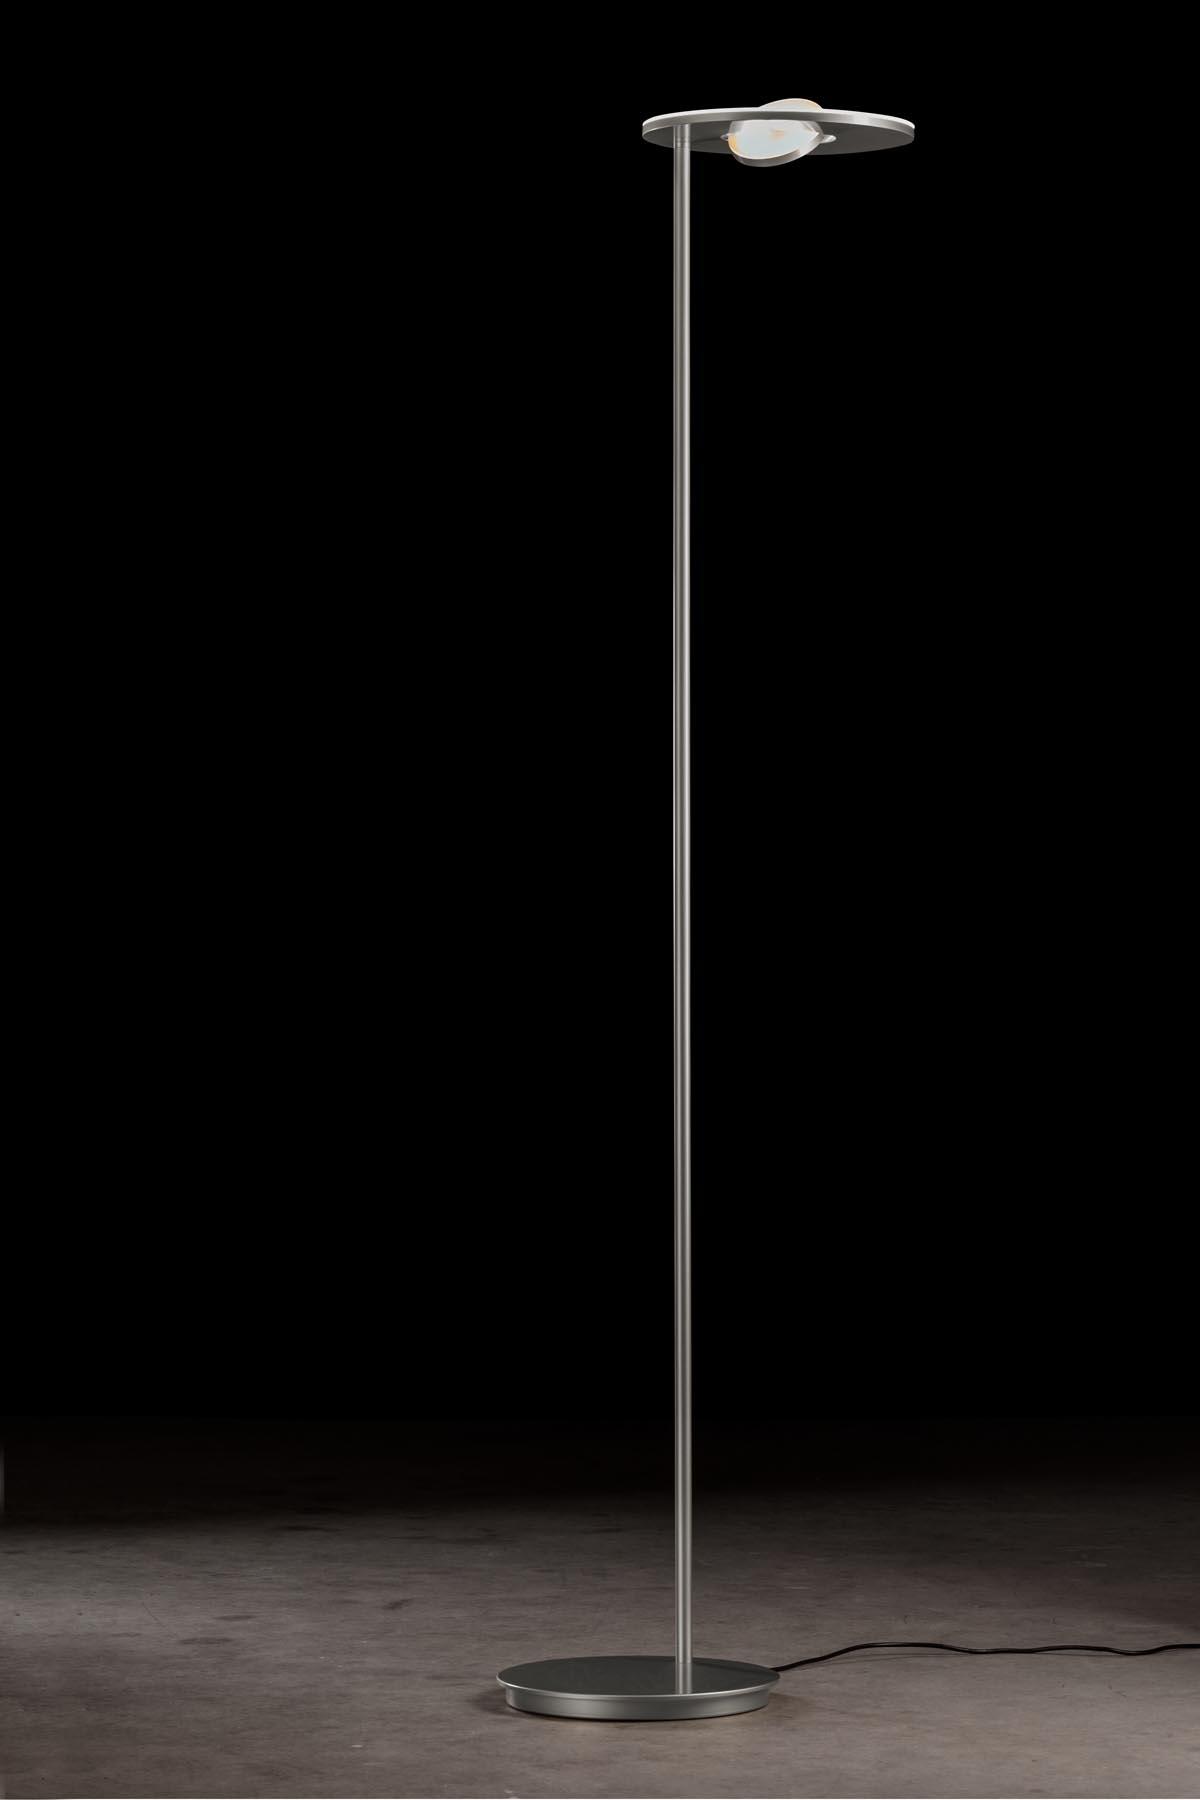 Holtkötter LED-Deckenfluter NOVA OOG 185cm Alu 9907-2-79